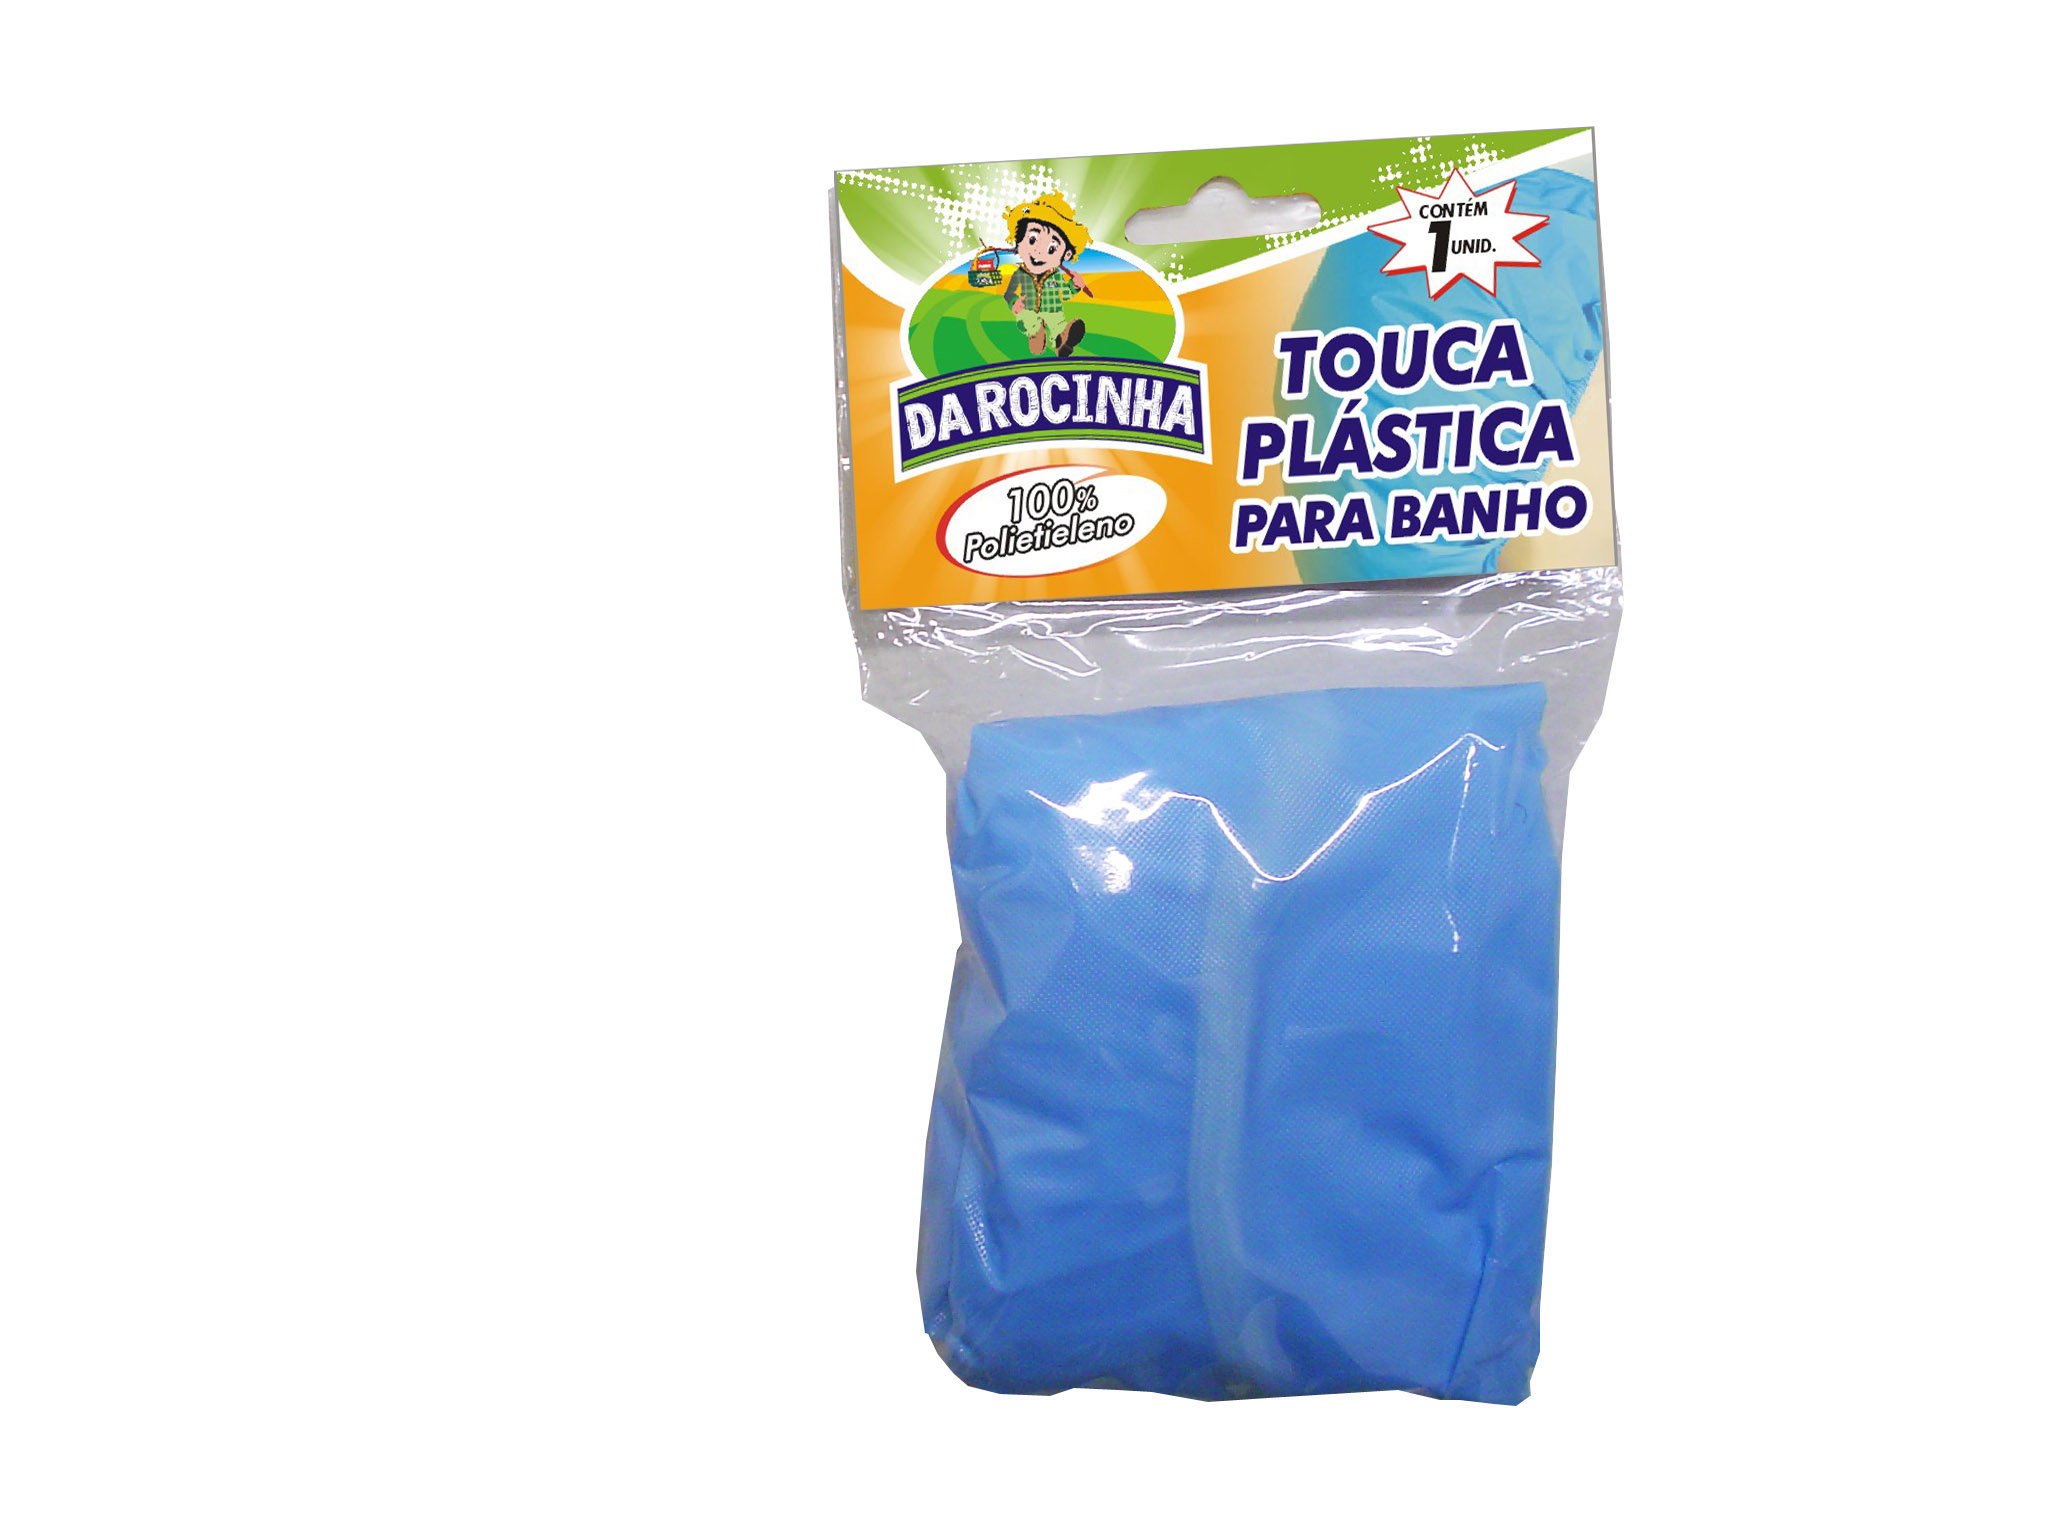 Cod. 5103- Touca plastica para banho